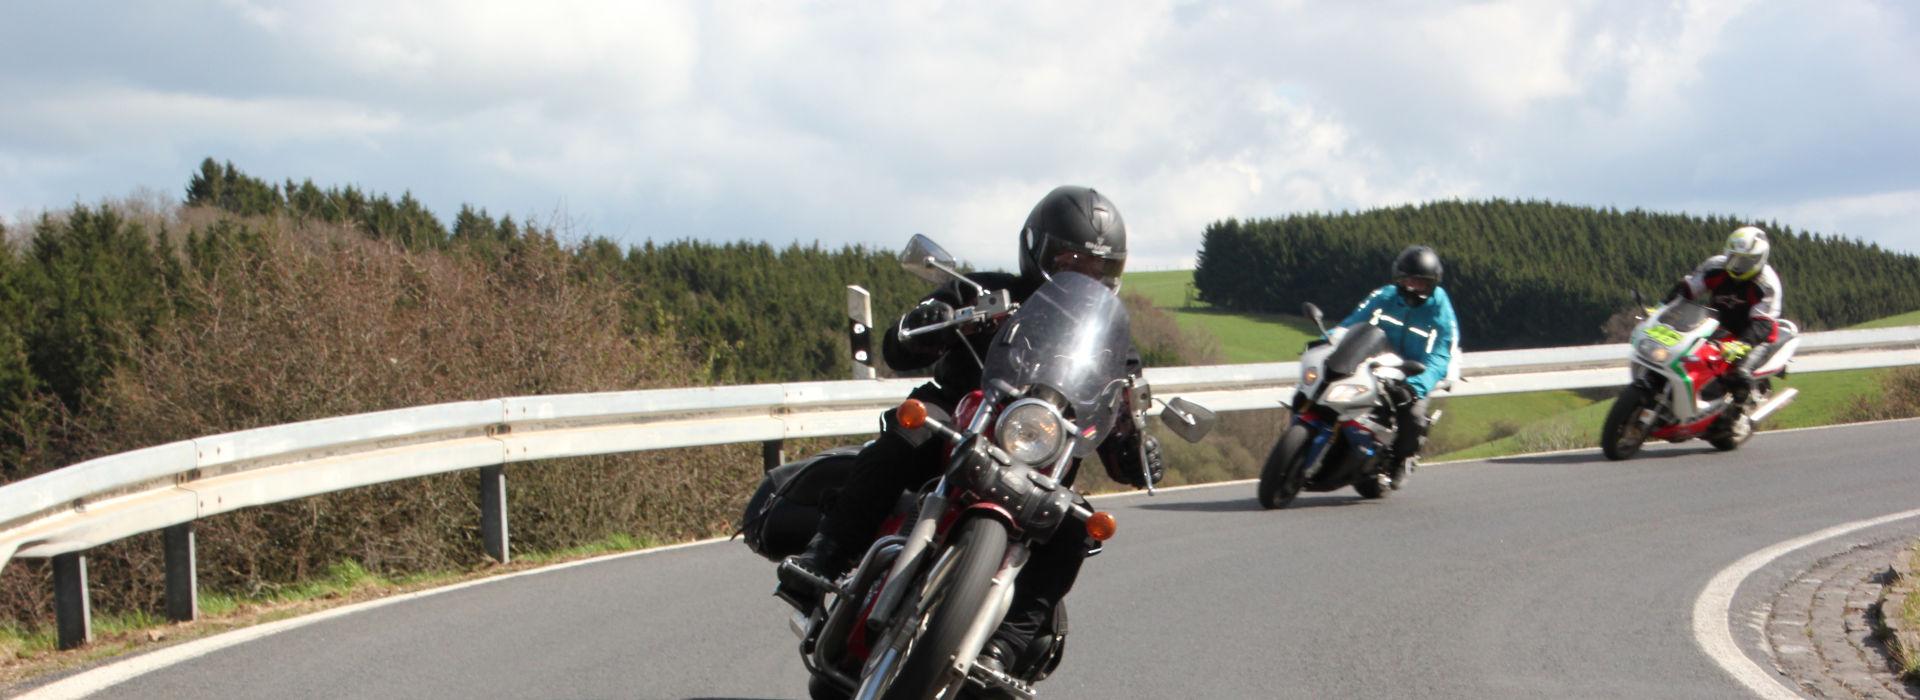 Motorrijschool Motorrijbewijspoint Raamsdonkveer motorrijlessen